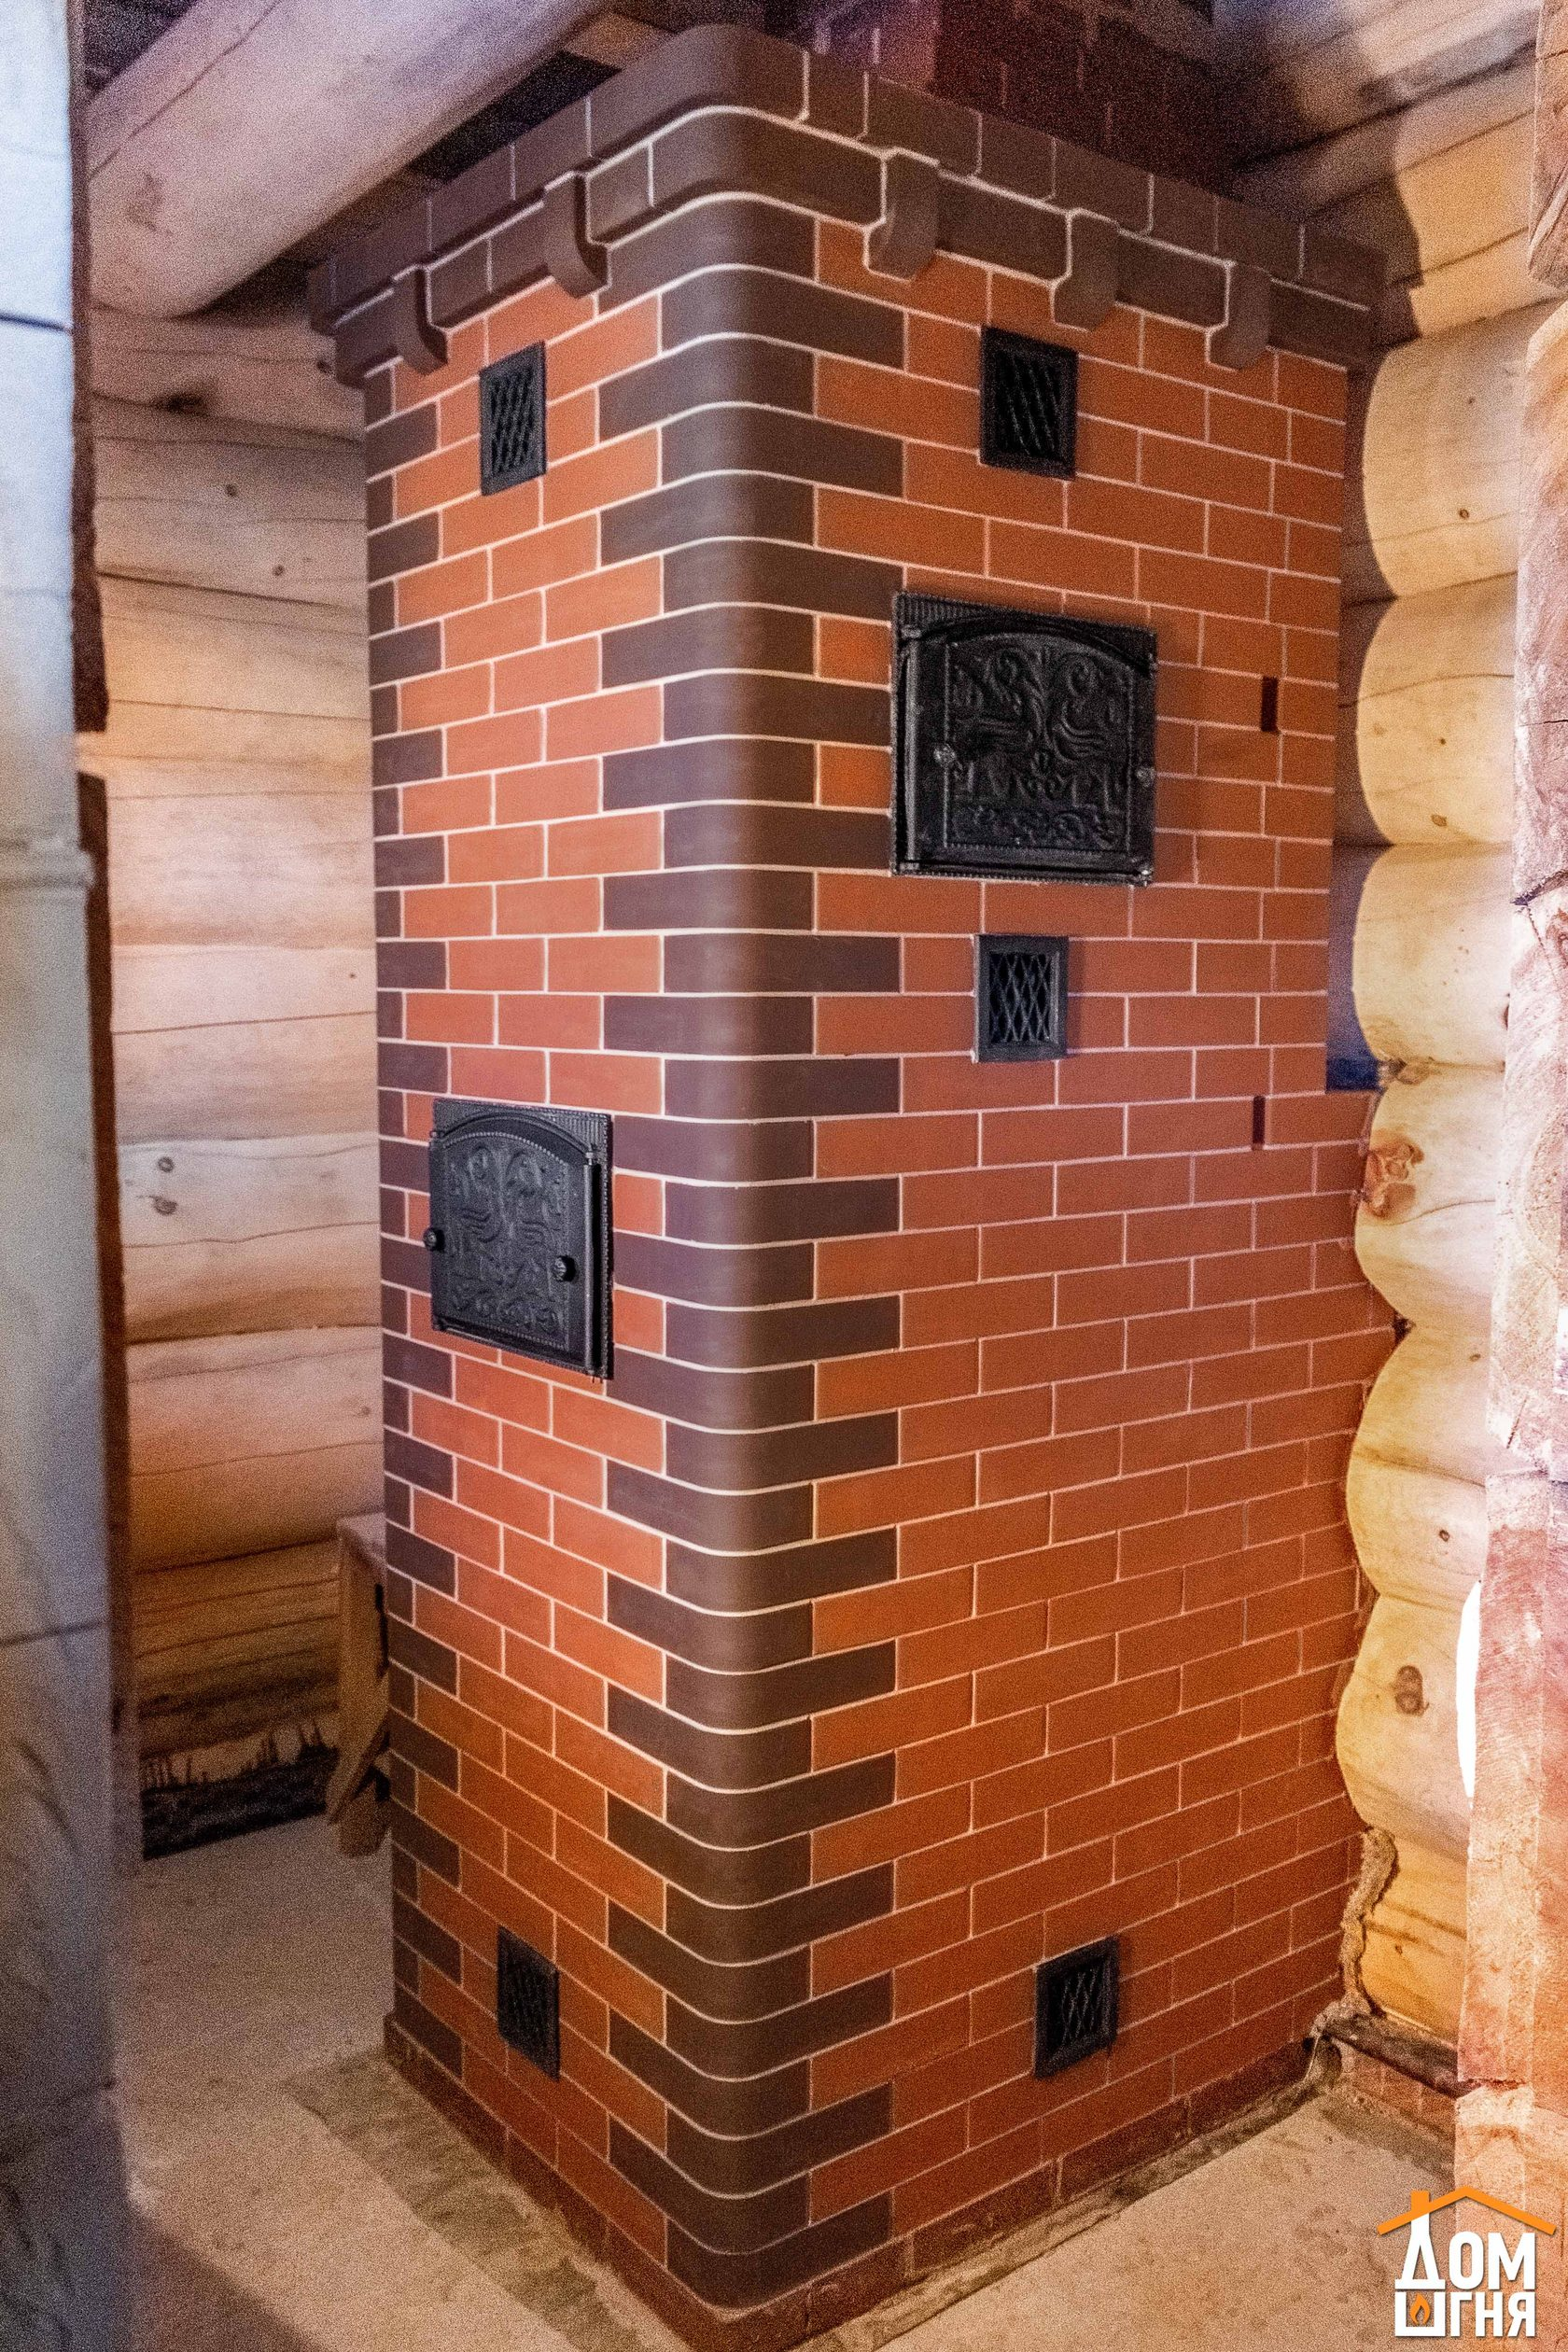 Кирпичная печь для бани или как сделать печь для бани из кирпича